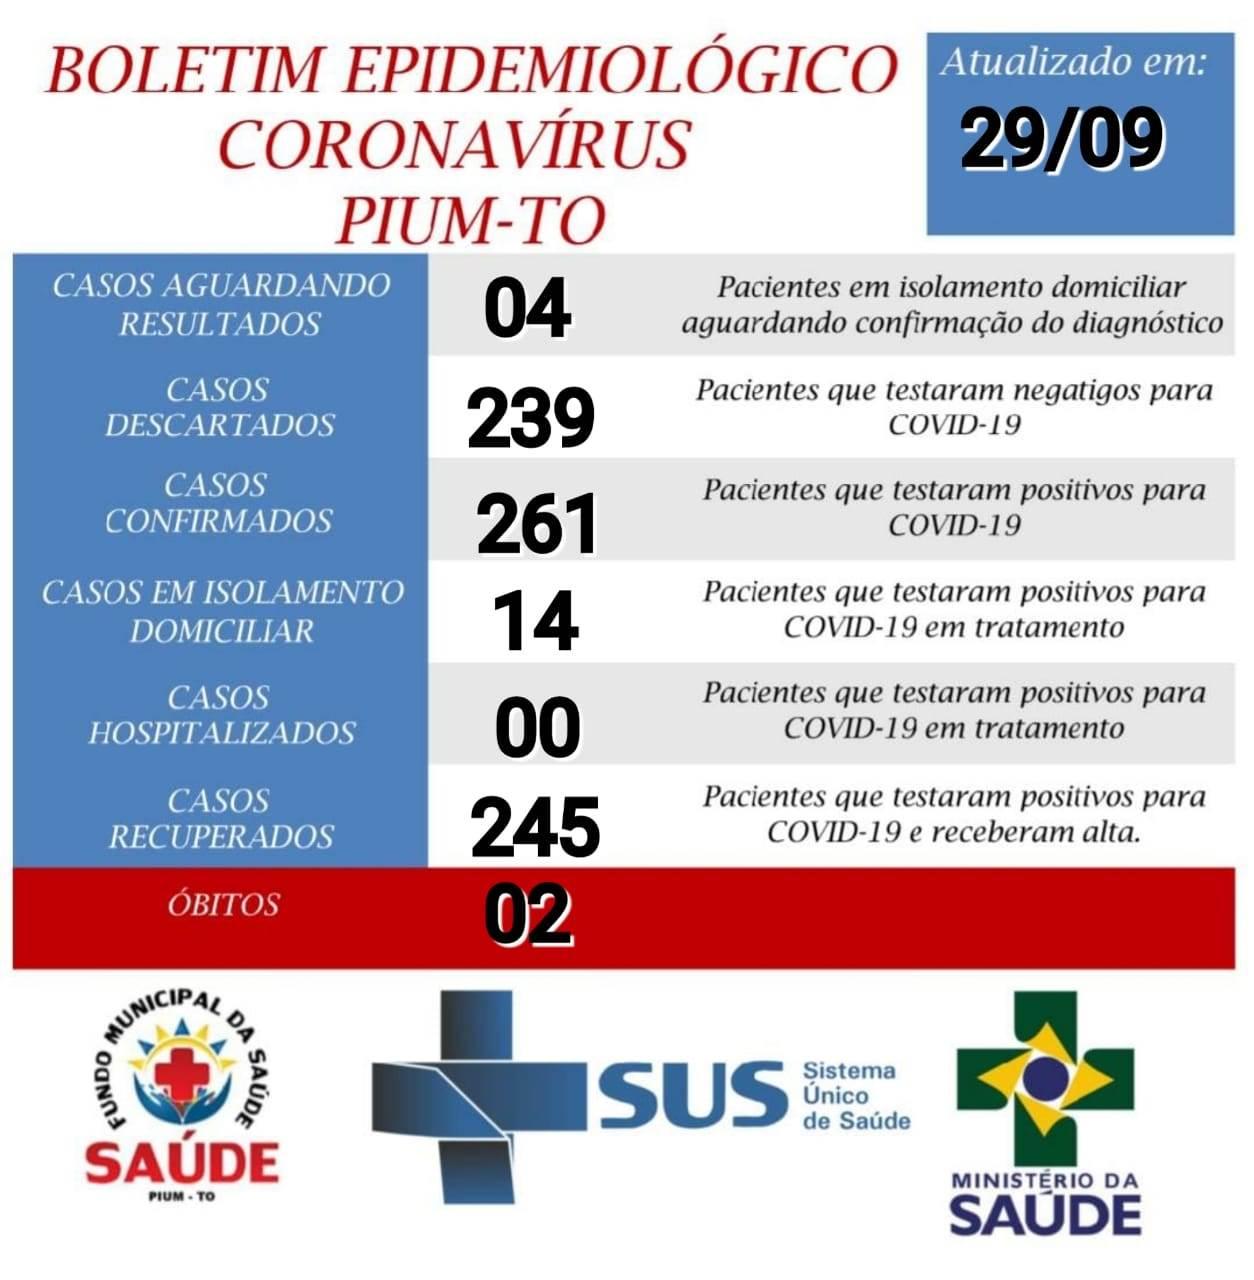 Boletim epidemiológico de Pium aponta que 93% dos pacientes acometidos pela covid-19 estão recuperados da doença